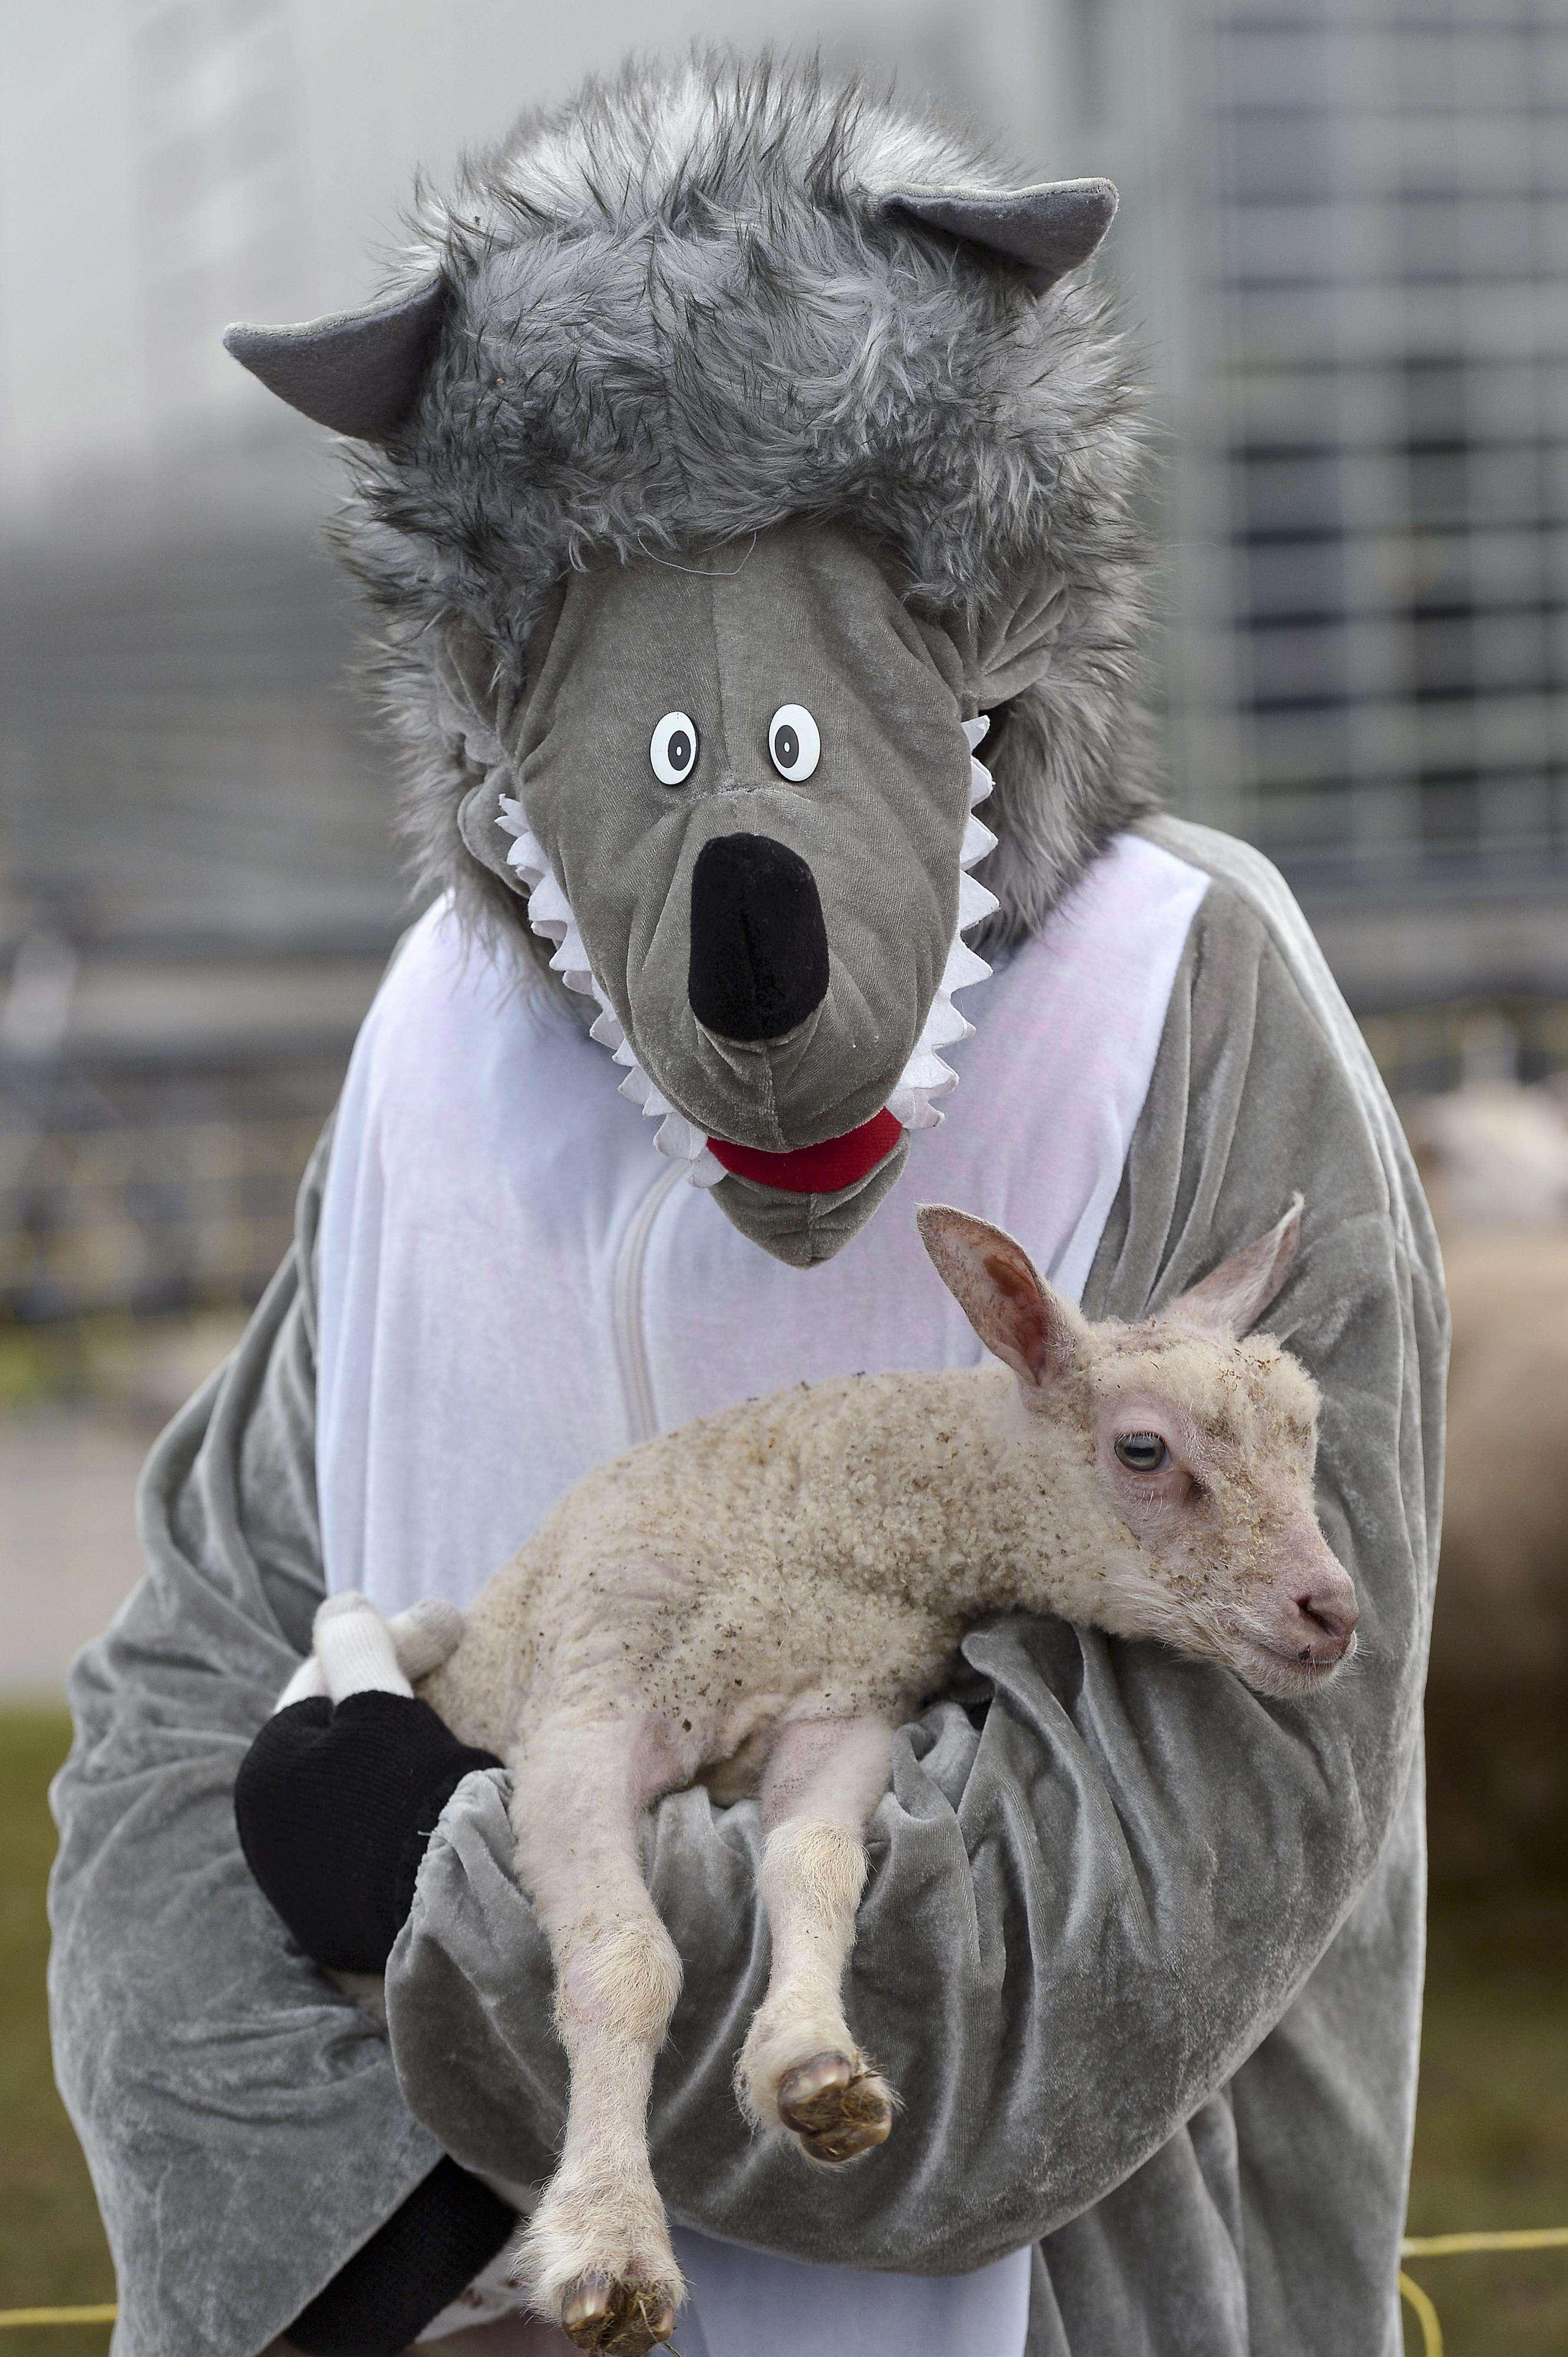 Foto: FREDERICK FLORIN/AFP